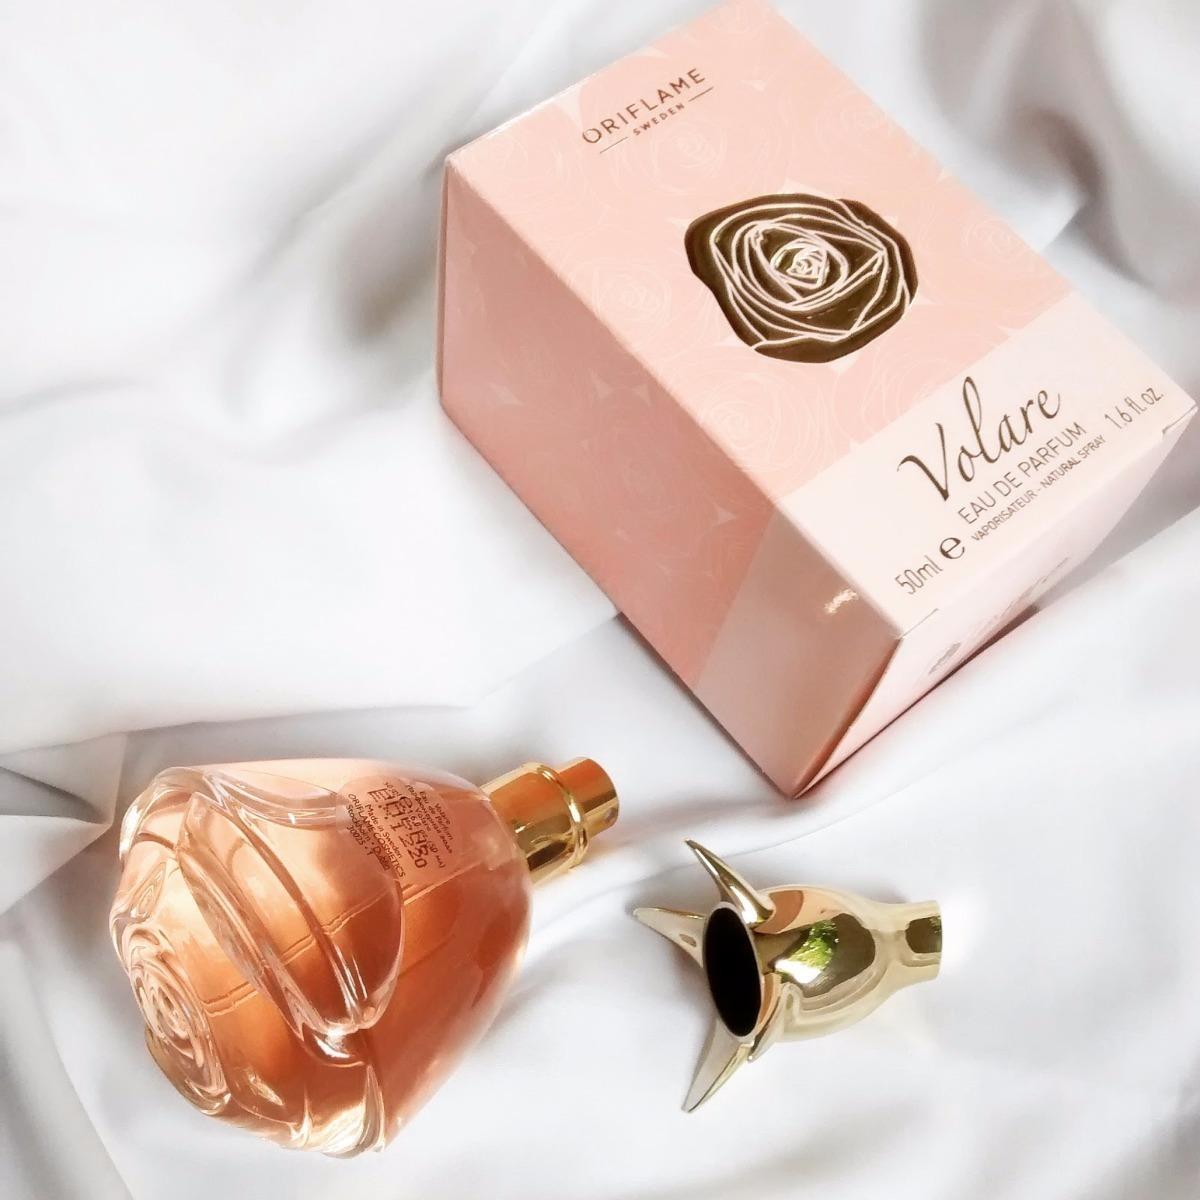 Nước hoa nữ Oriflame 30025 Volare Eau de Parfum từ Thụy Điển